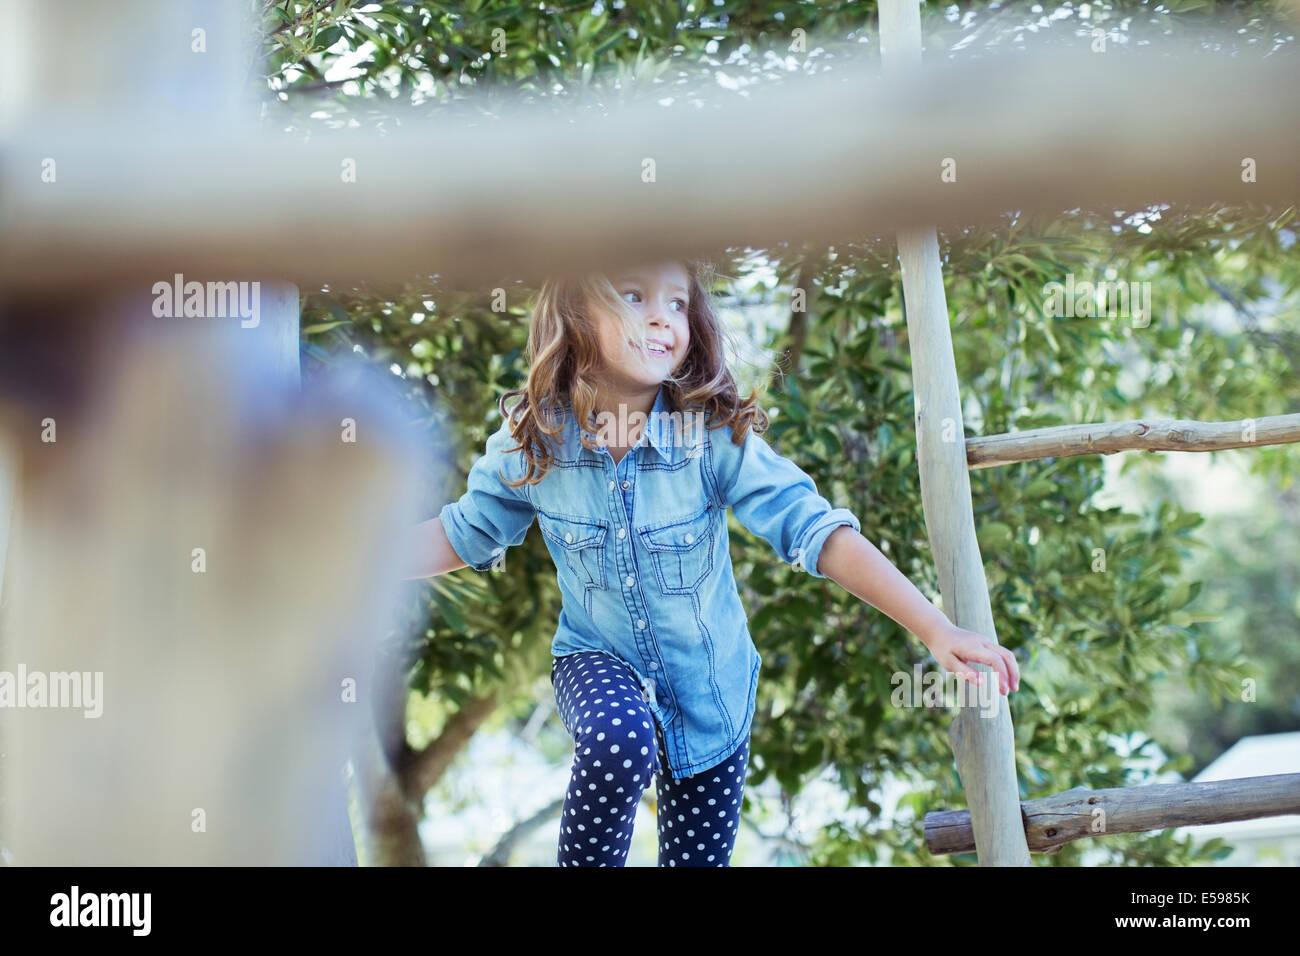 Chica escalada en estructura de juego Imagen De Stock